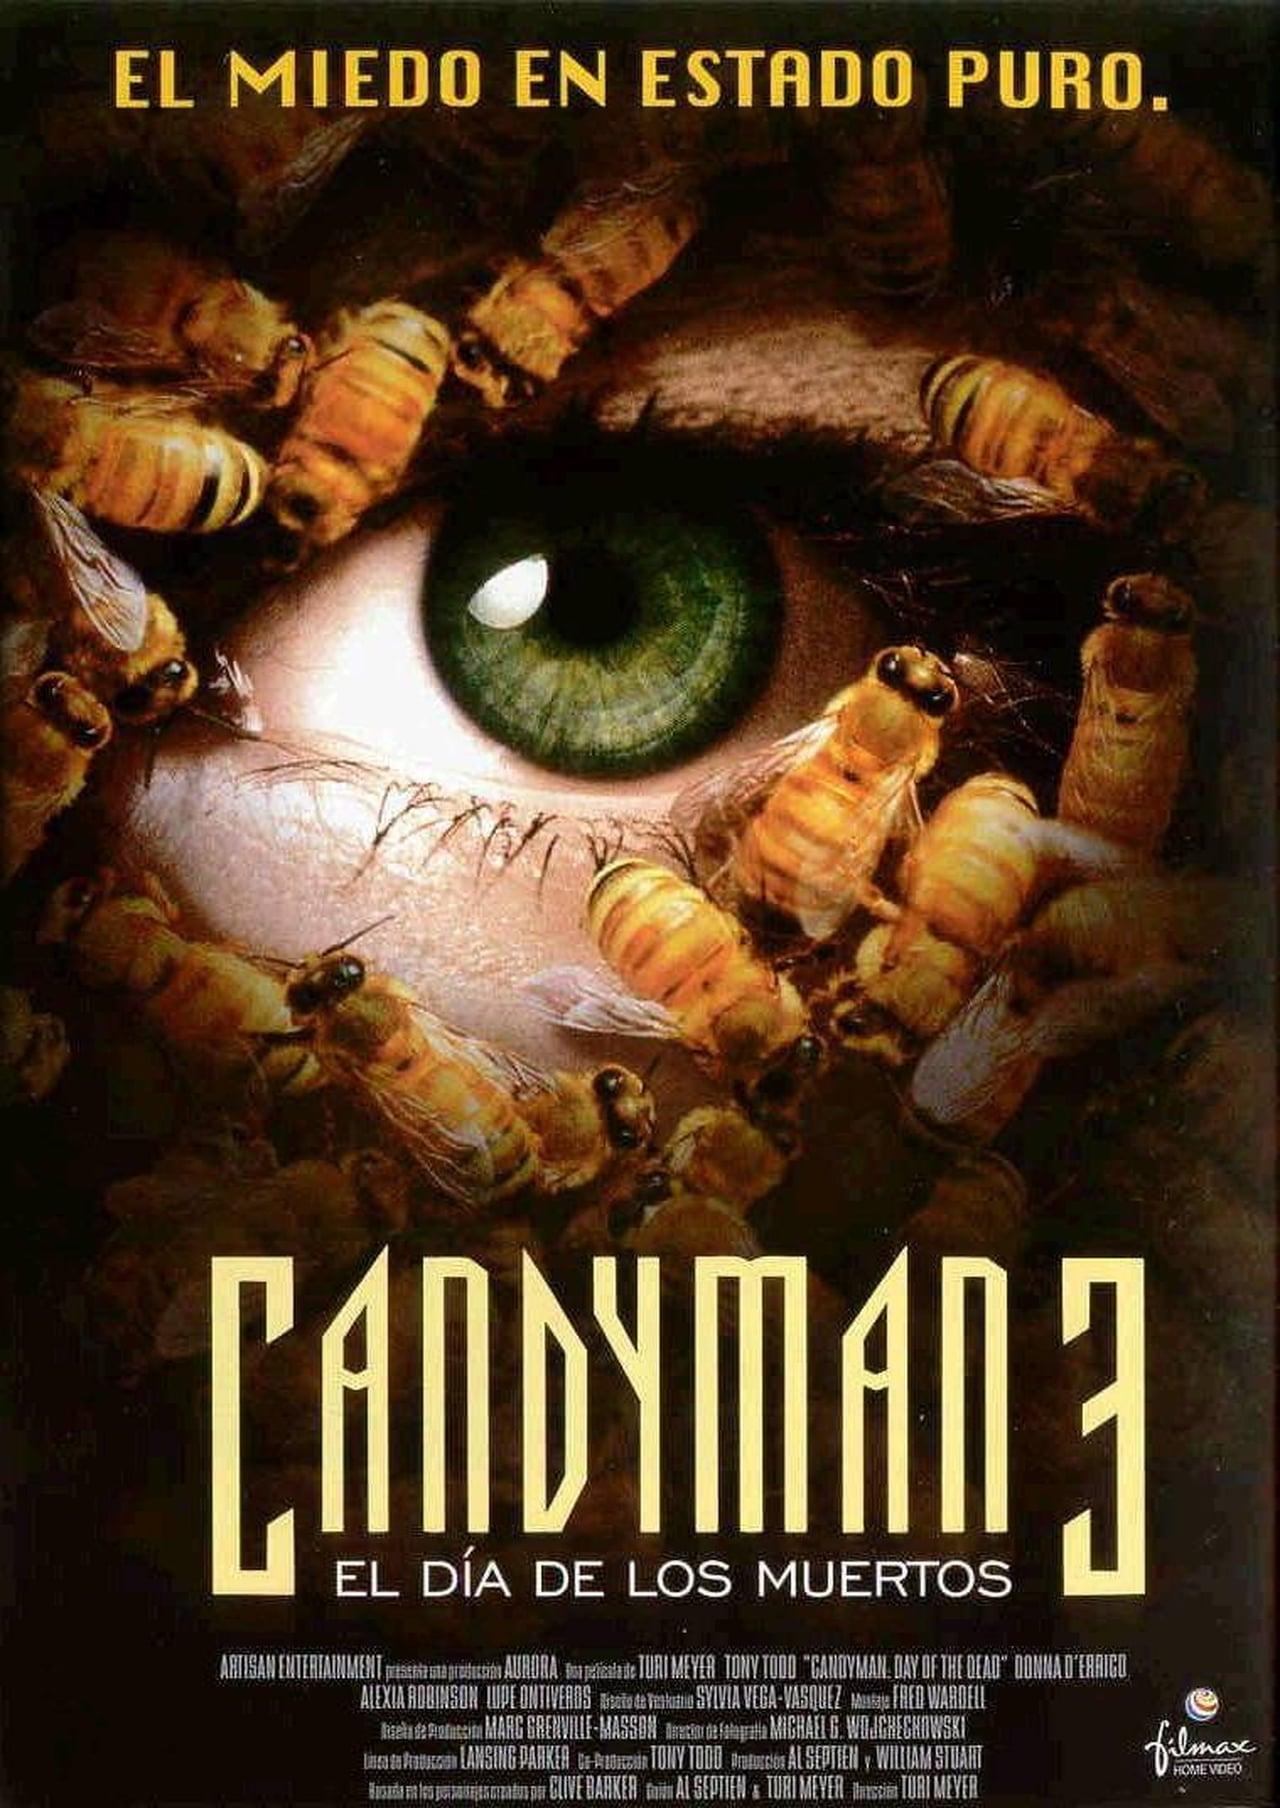 Ver Candyman 3 El Dia De Los Muertos 1999 Online Latino Hd Pelisplus